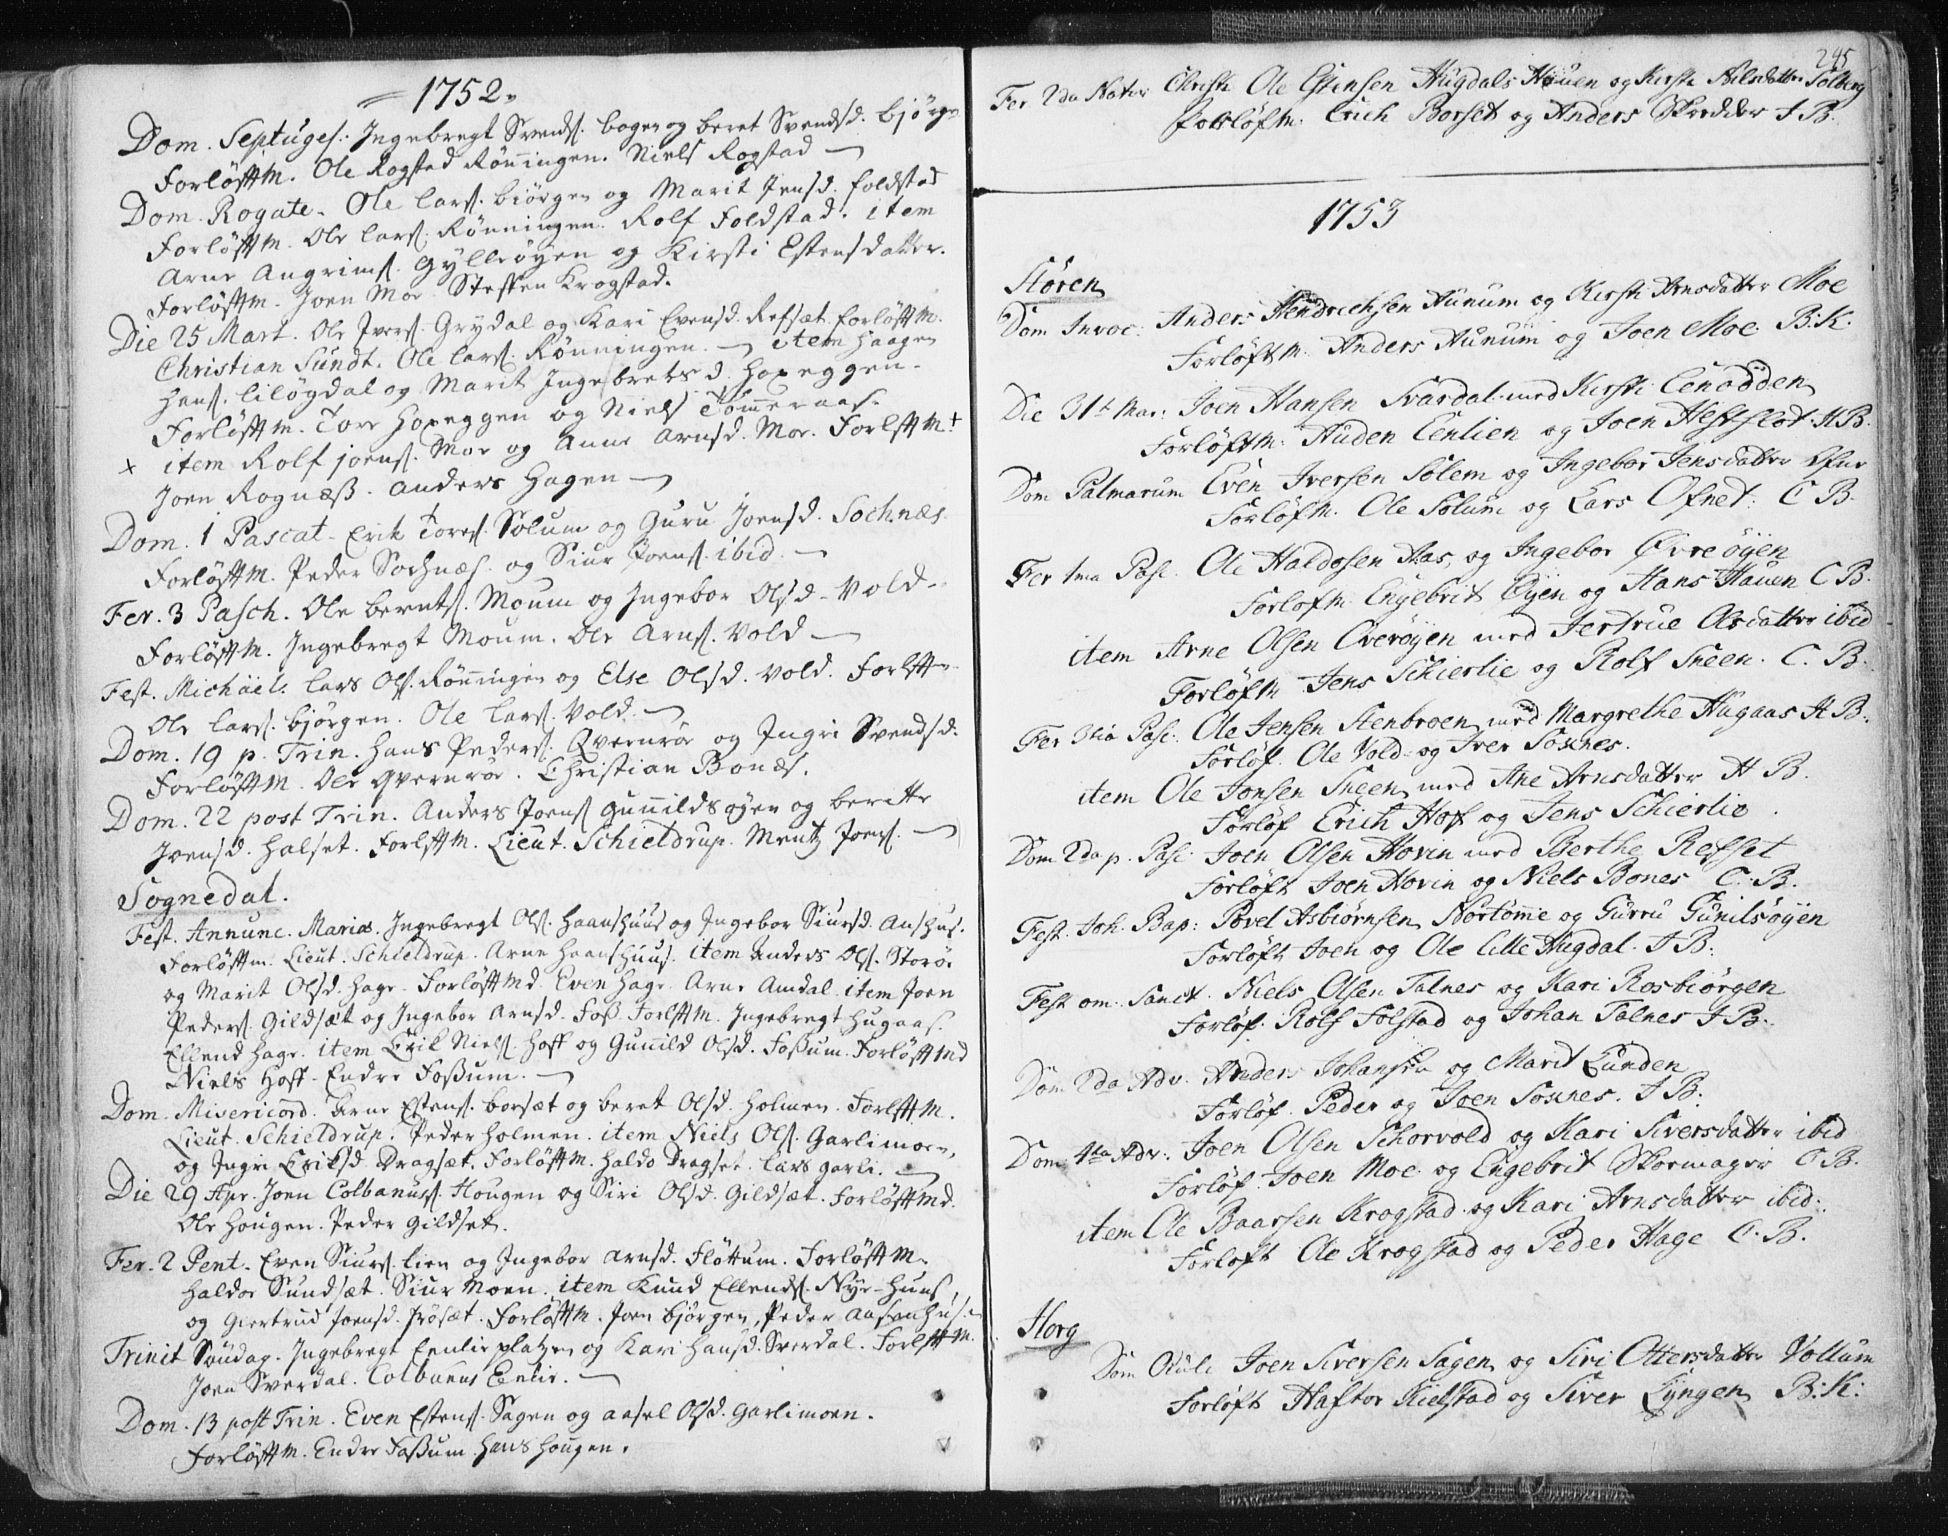 SAT, Ministerialprotokoller, klokkerbøker og fødselsregistre - Sør-Trøndelag, 687/L0991: Ministerialbok nr. 687A02, 1747-1790, s. 245